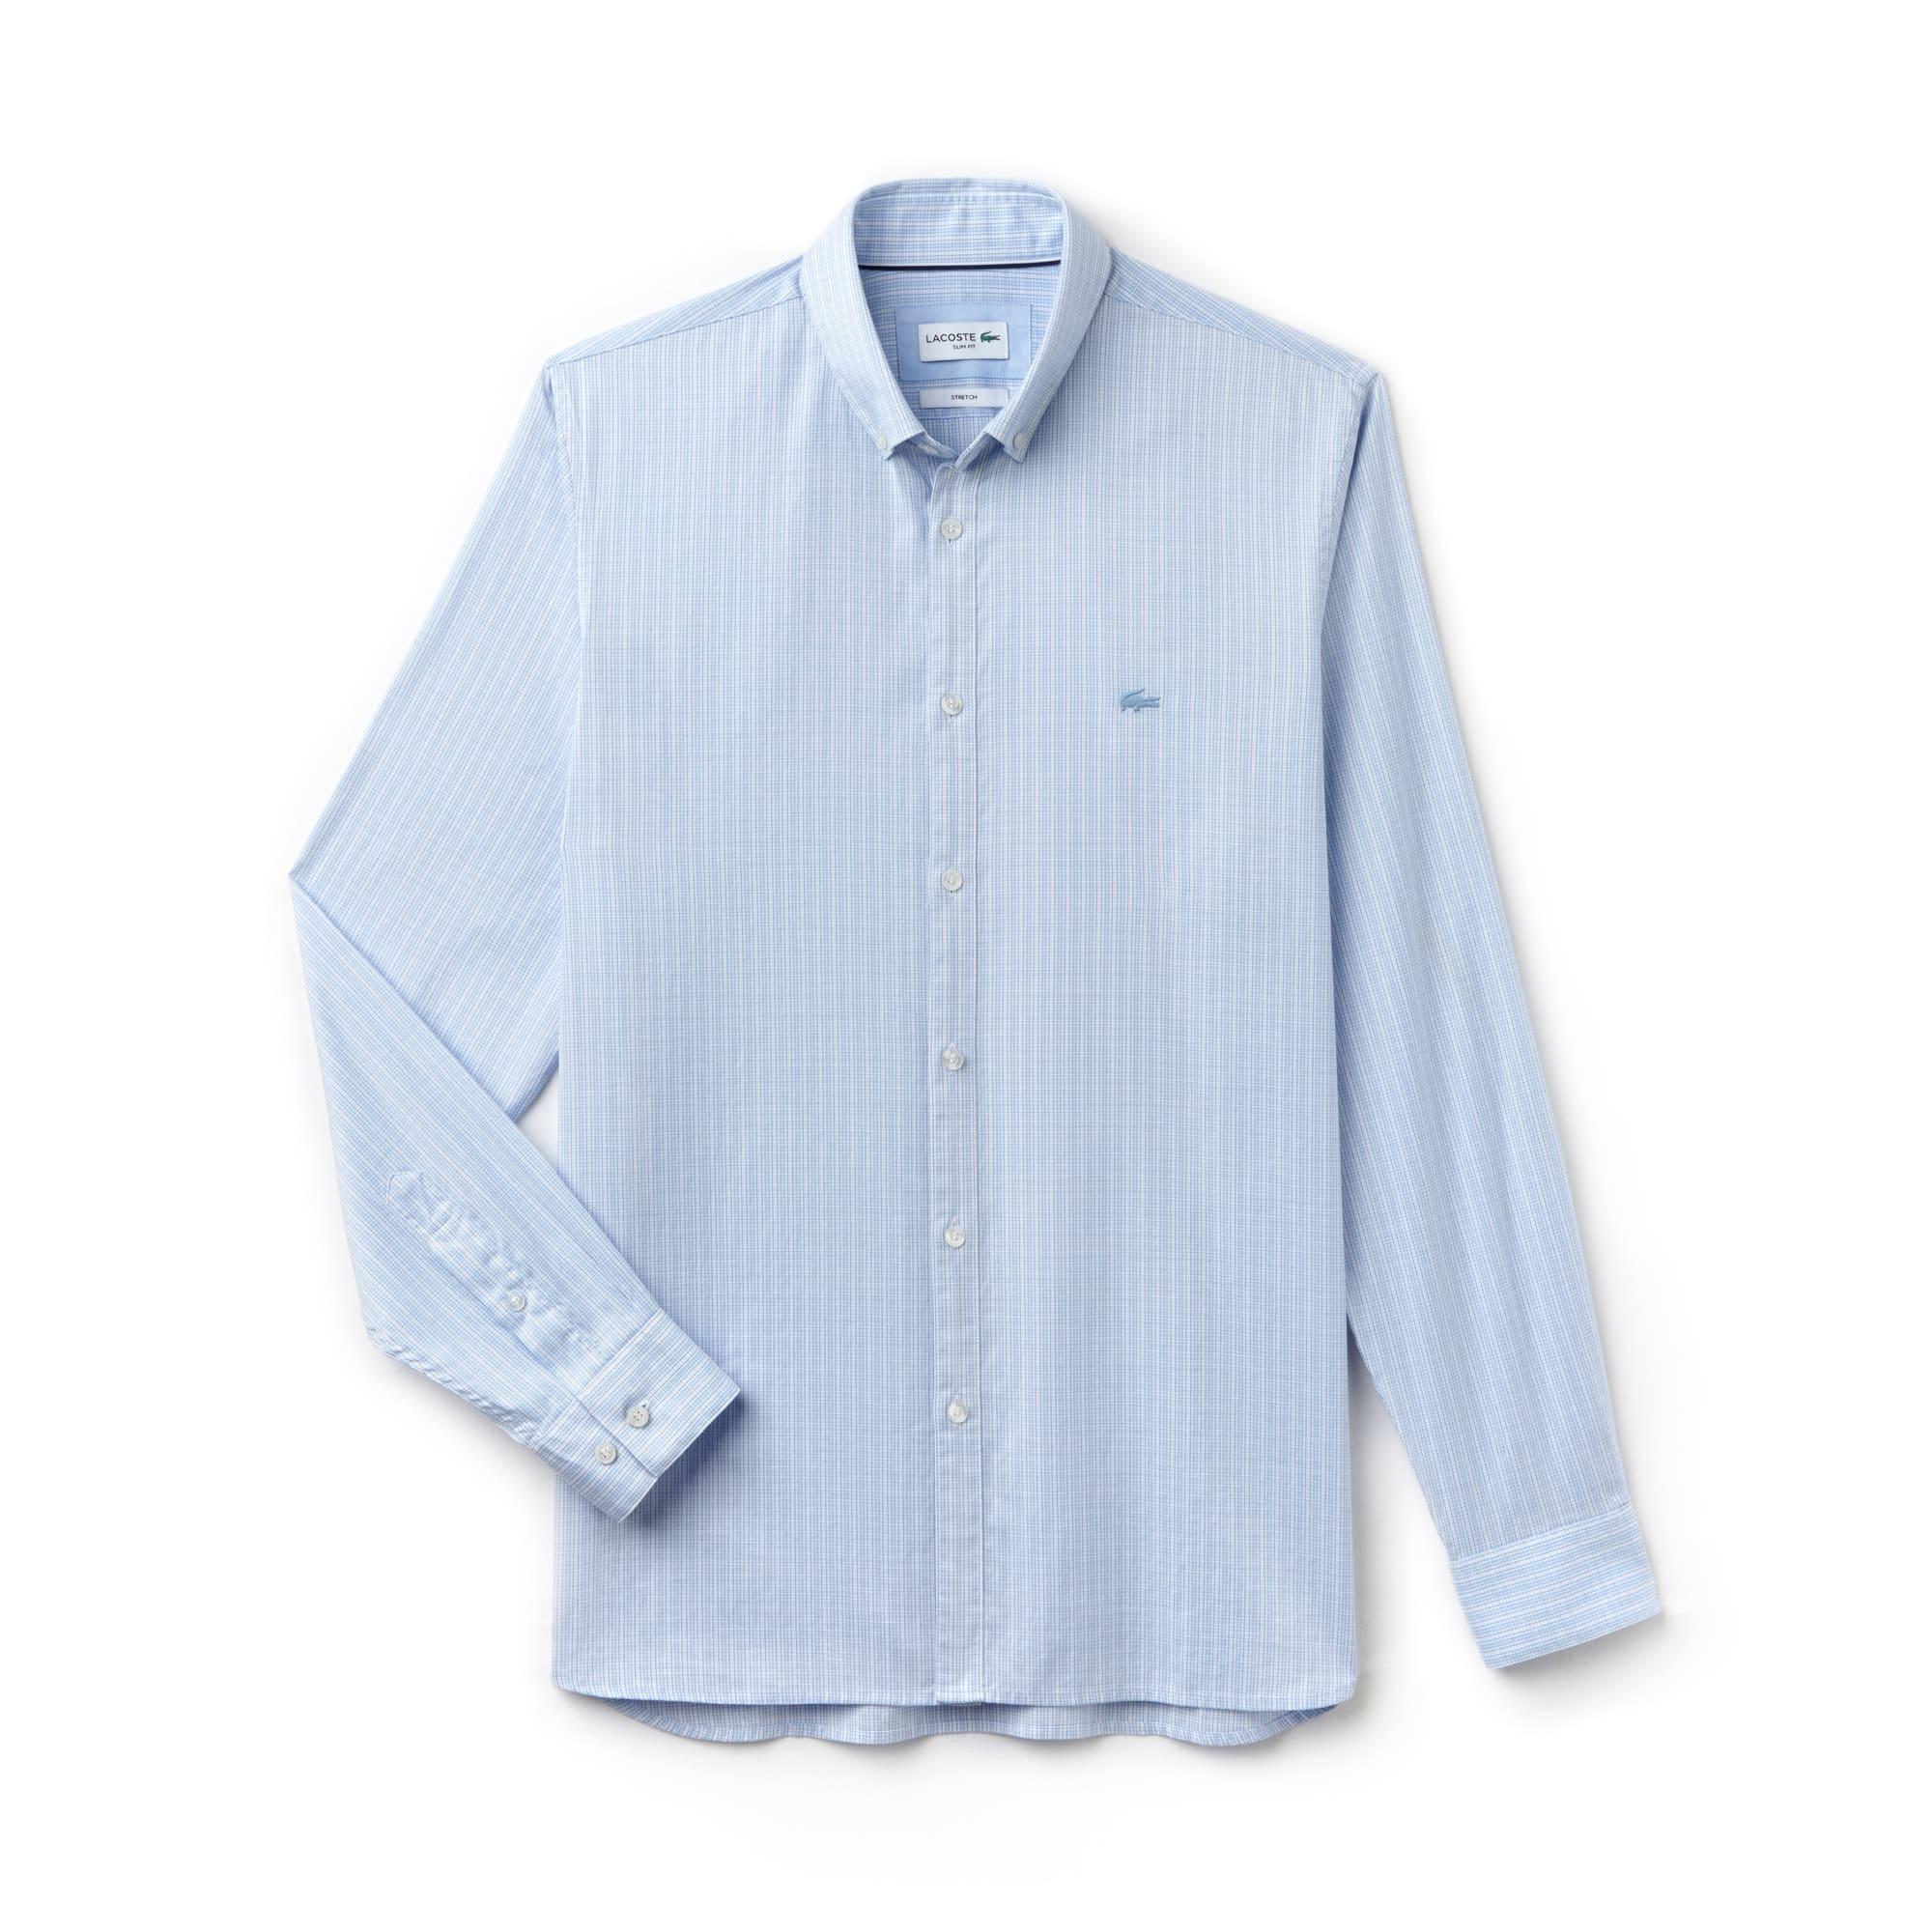 Camisa slim fit em pinpoint de algodão stretch aos quadrados